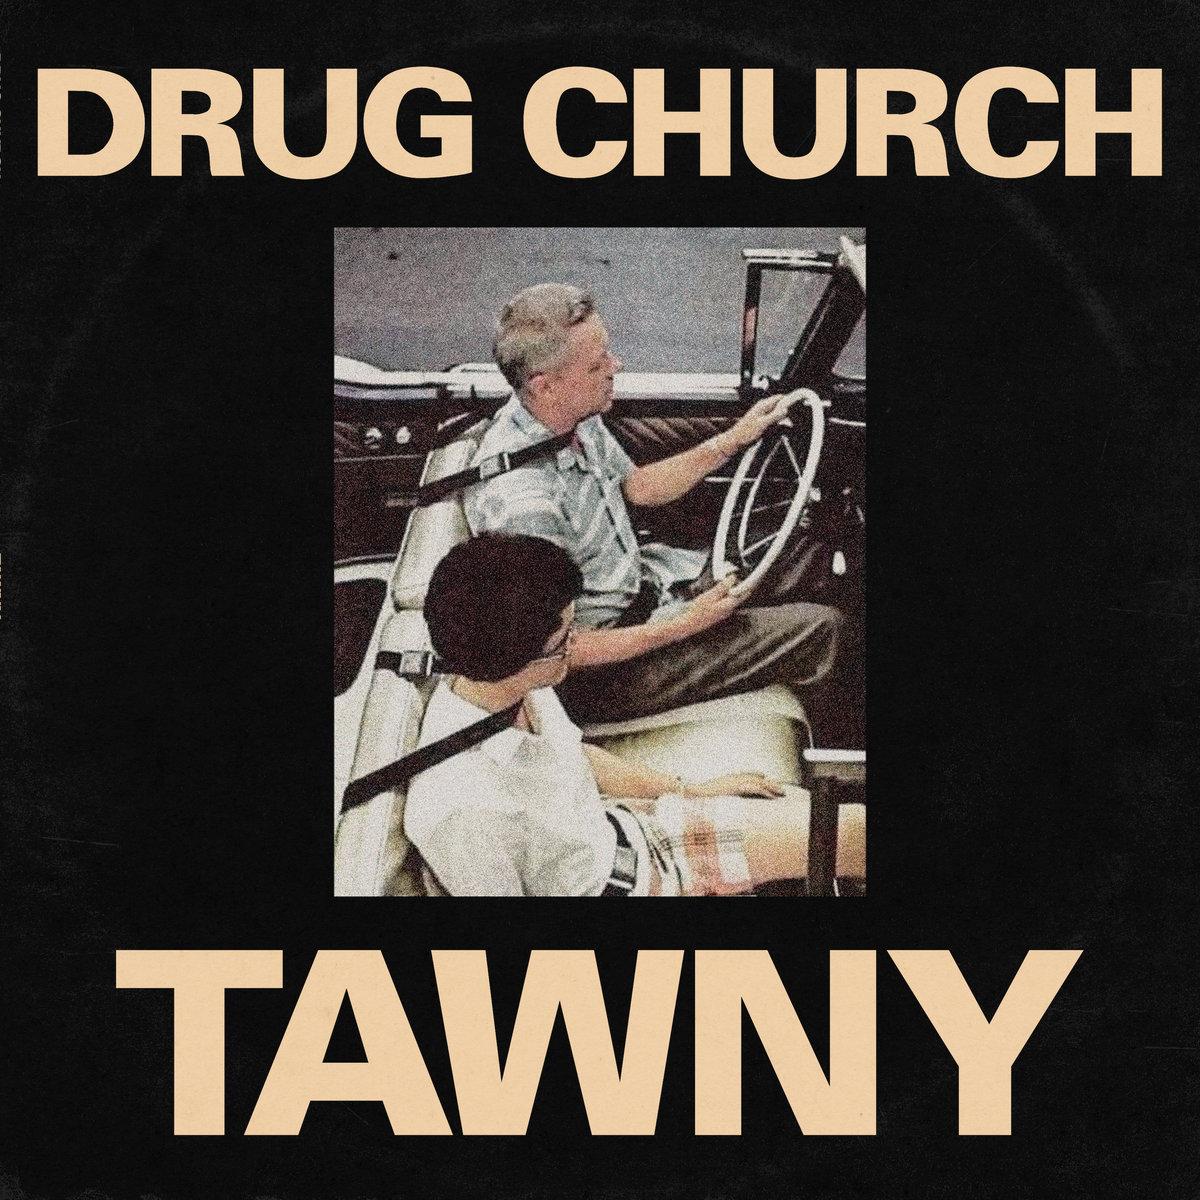 Drug Church – Tawny